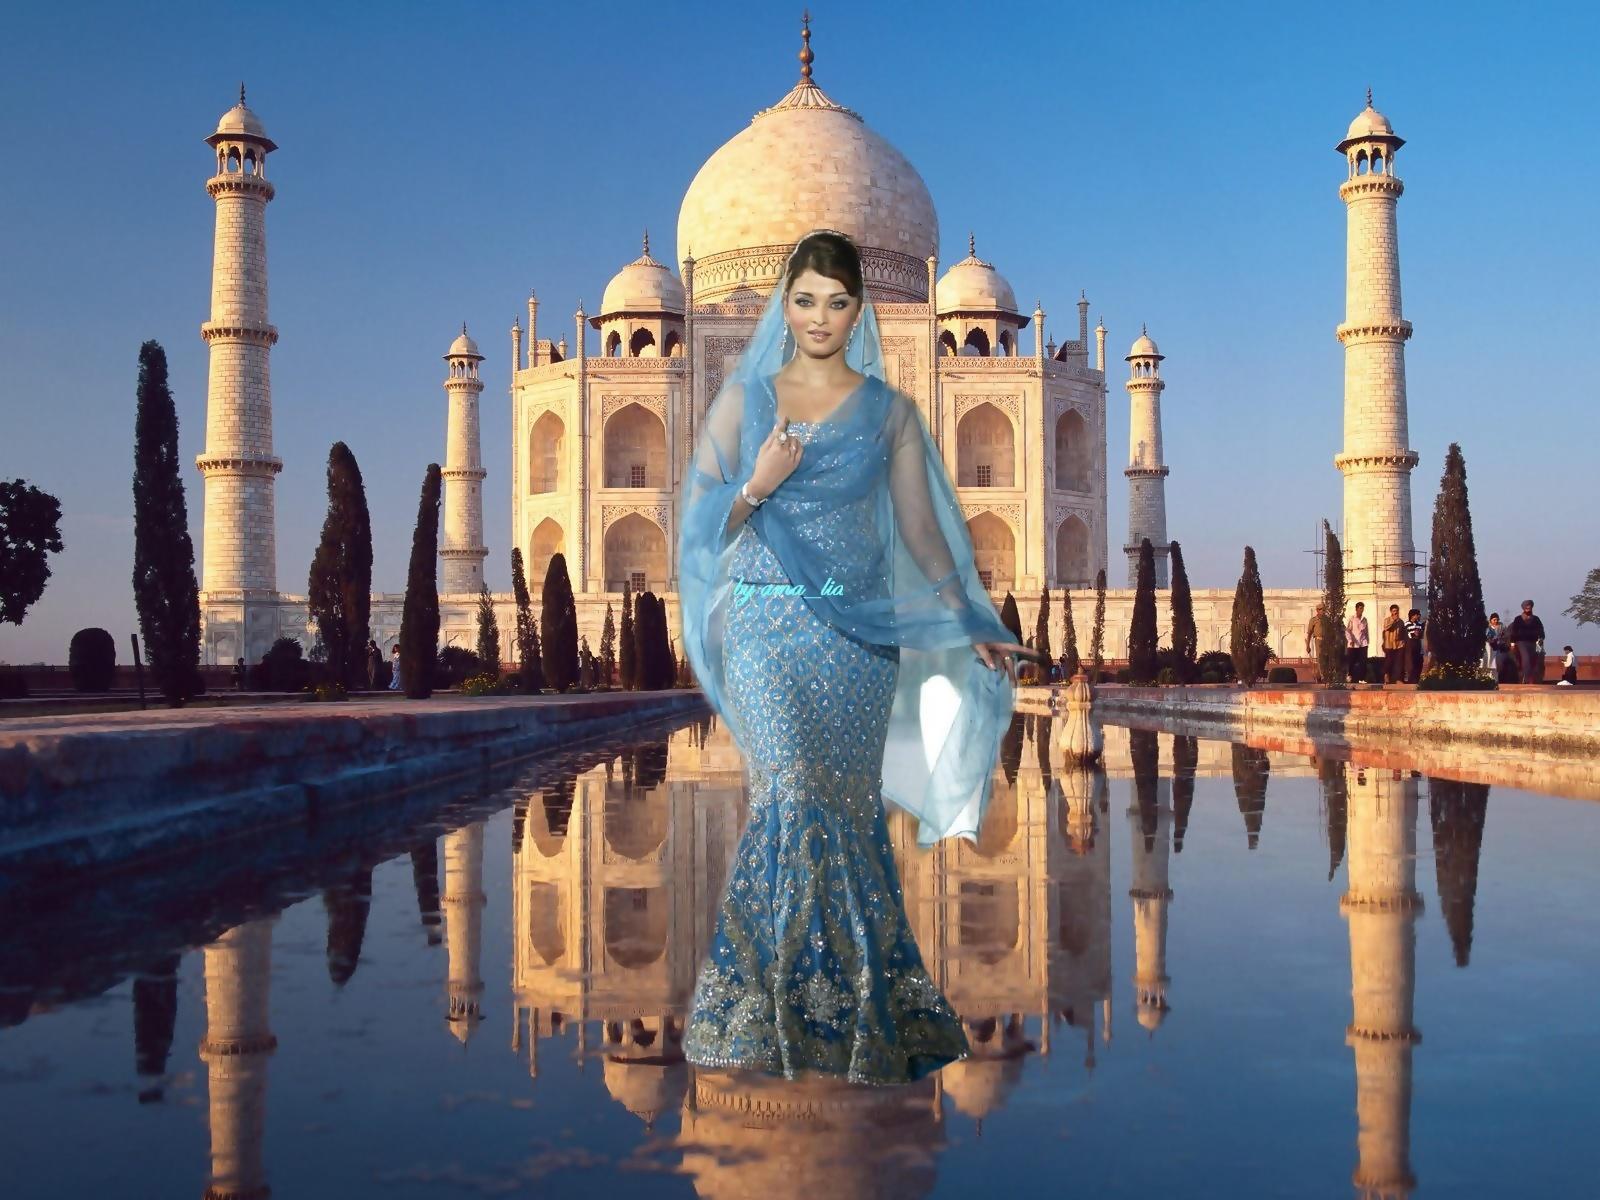 taj mahal images aishwarya rai - taj mahal hd wallpaper and